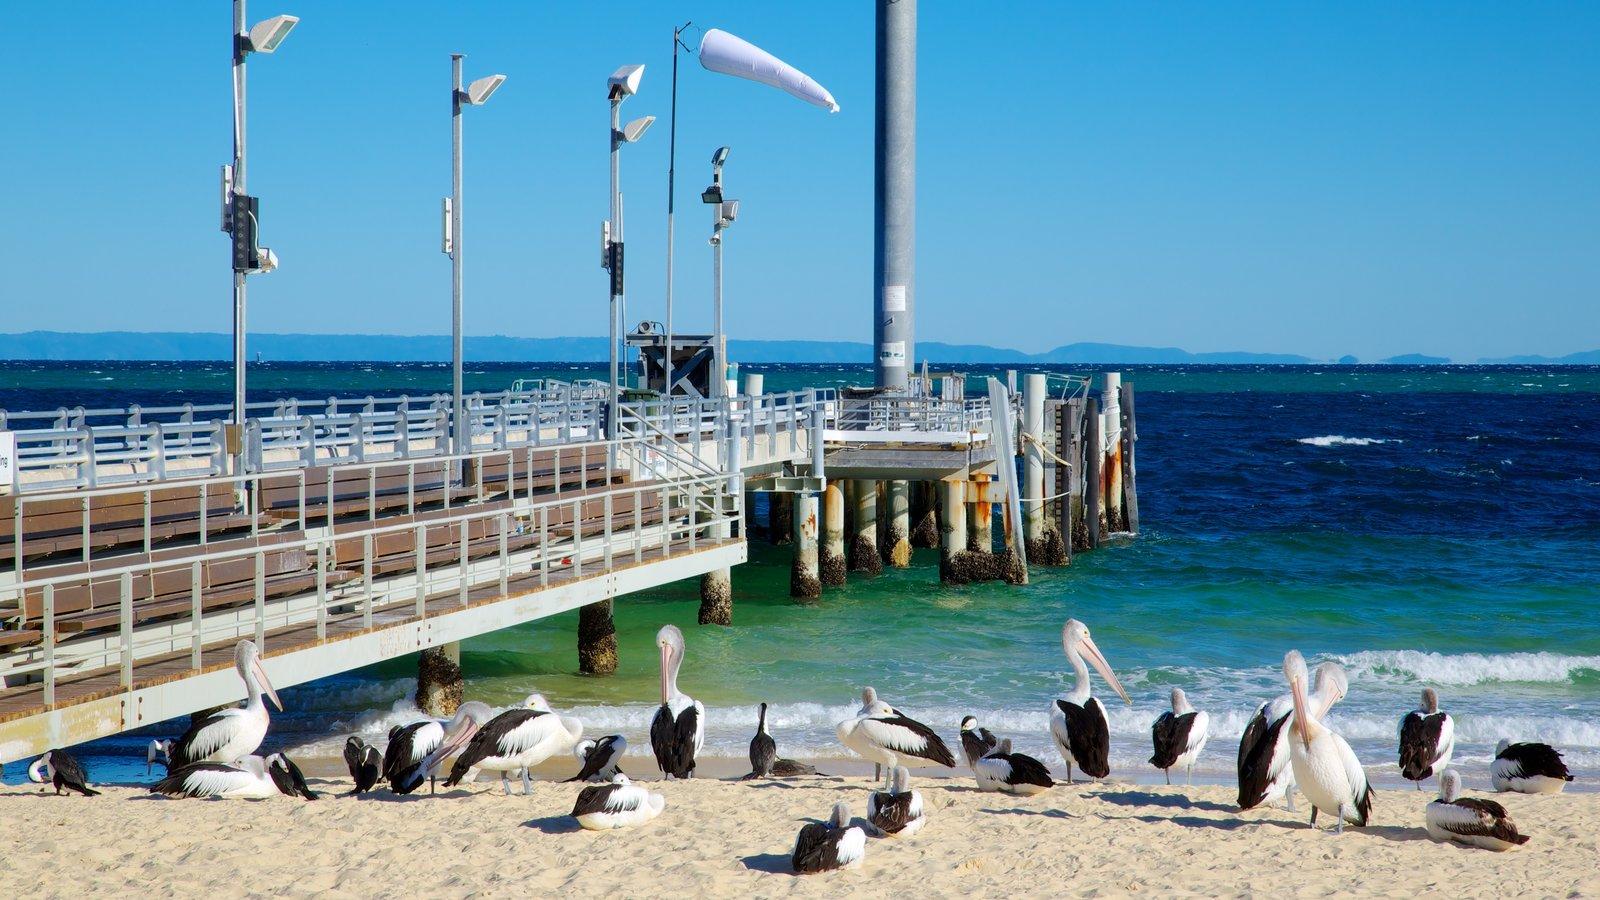 Parque nacional de Isla Moreton mostrando una bahía o puerto, una playa de arena y vida de las aves